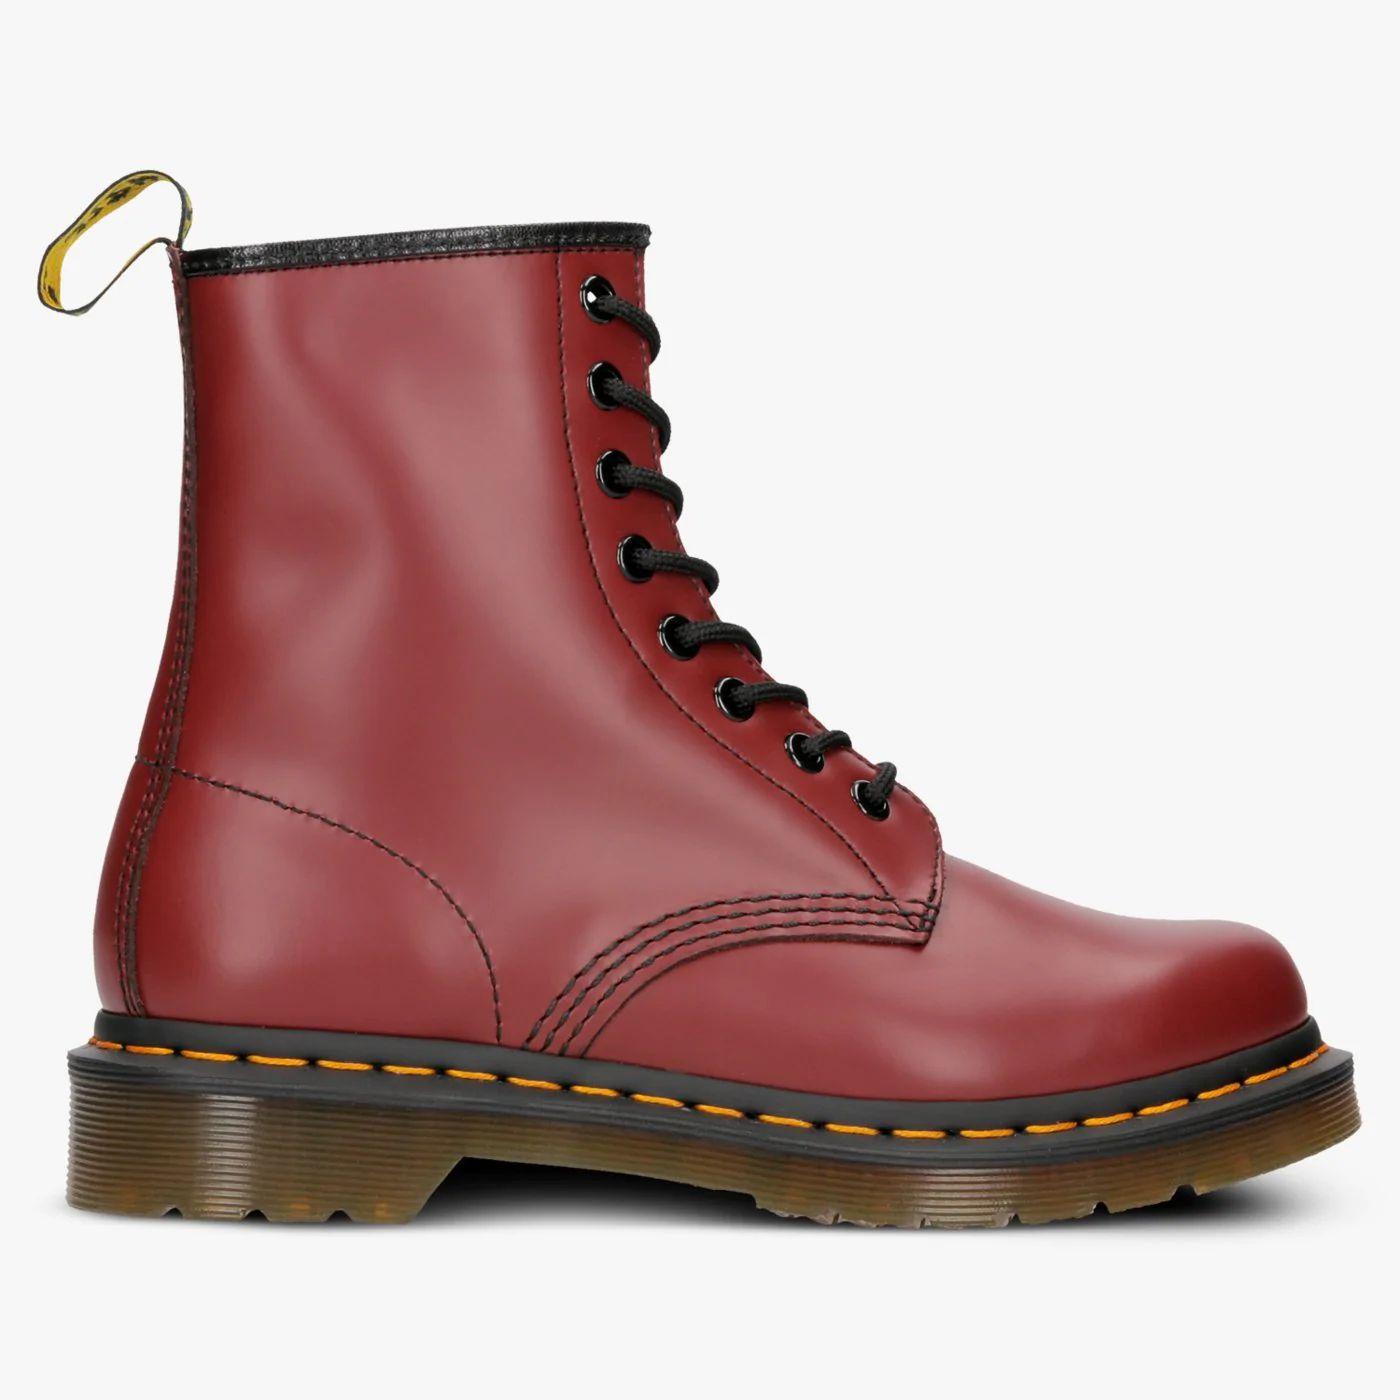 [sizeer.de][Sammeldeal] 20% Extra Rabatt, Direktabzug, Dr. Martens 1460 Boots, Dunkelrot,36-39 für 111,99€, New Era Shirt, S-XL für 7,99€